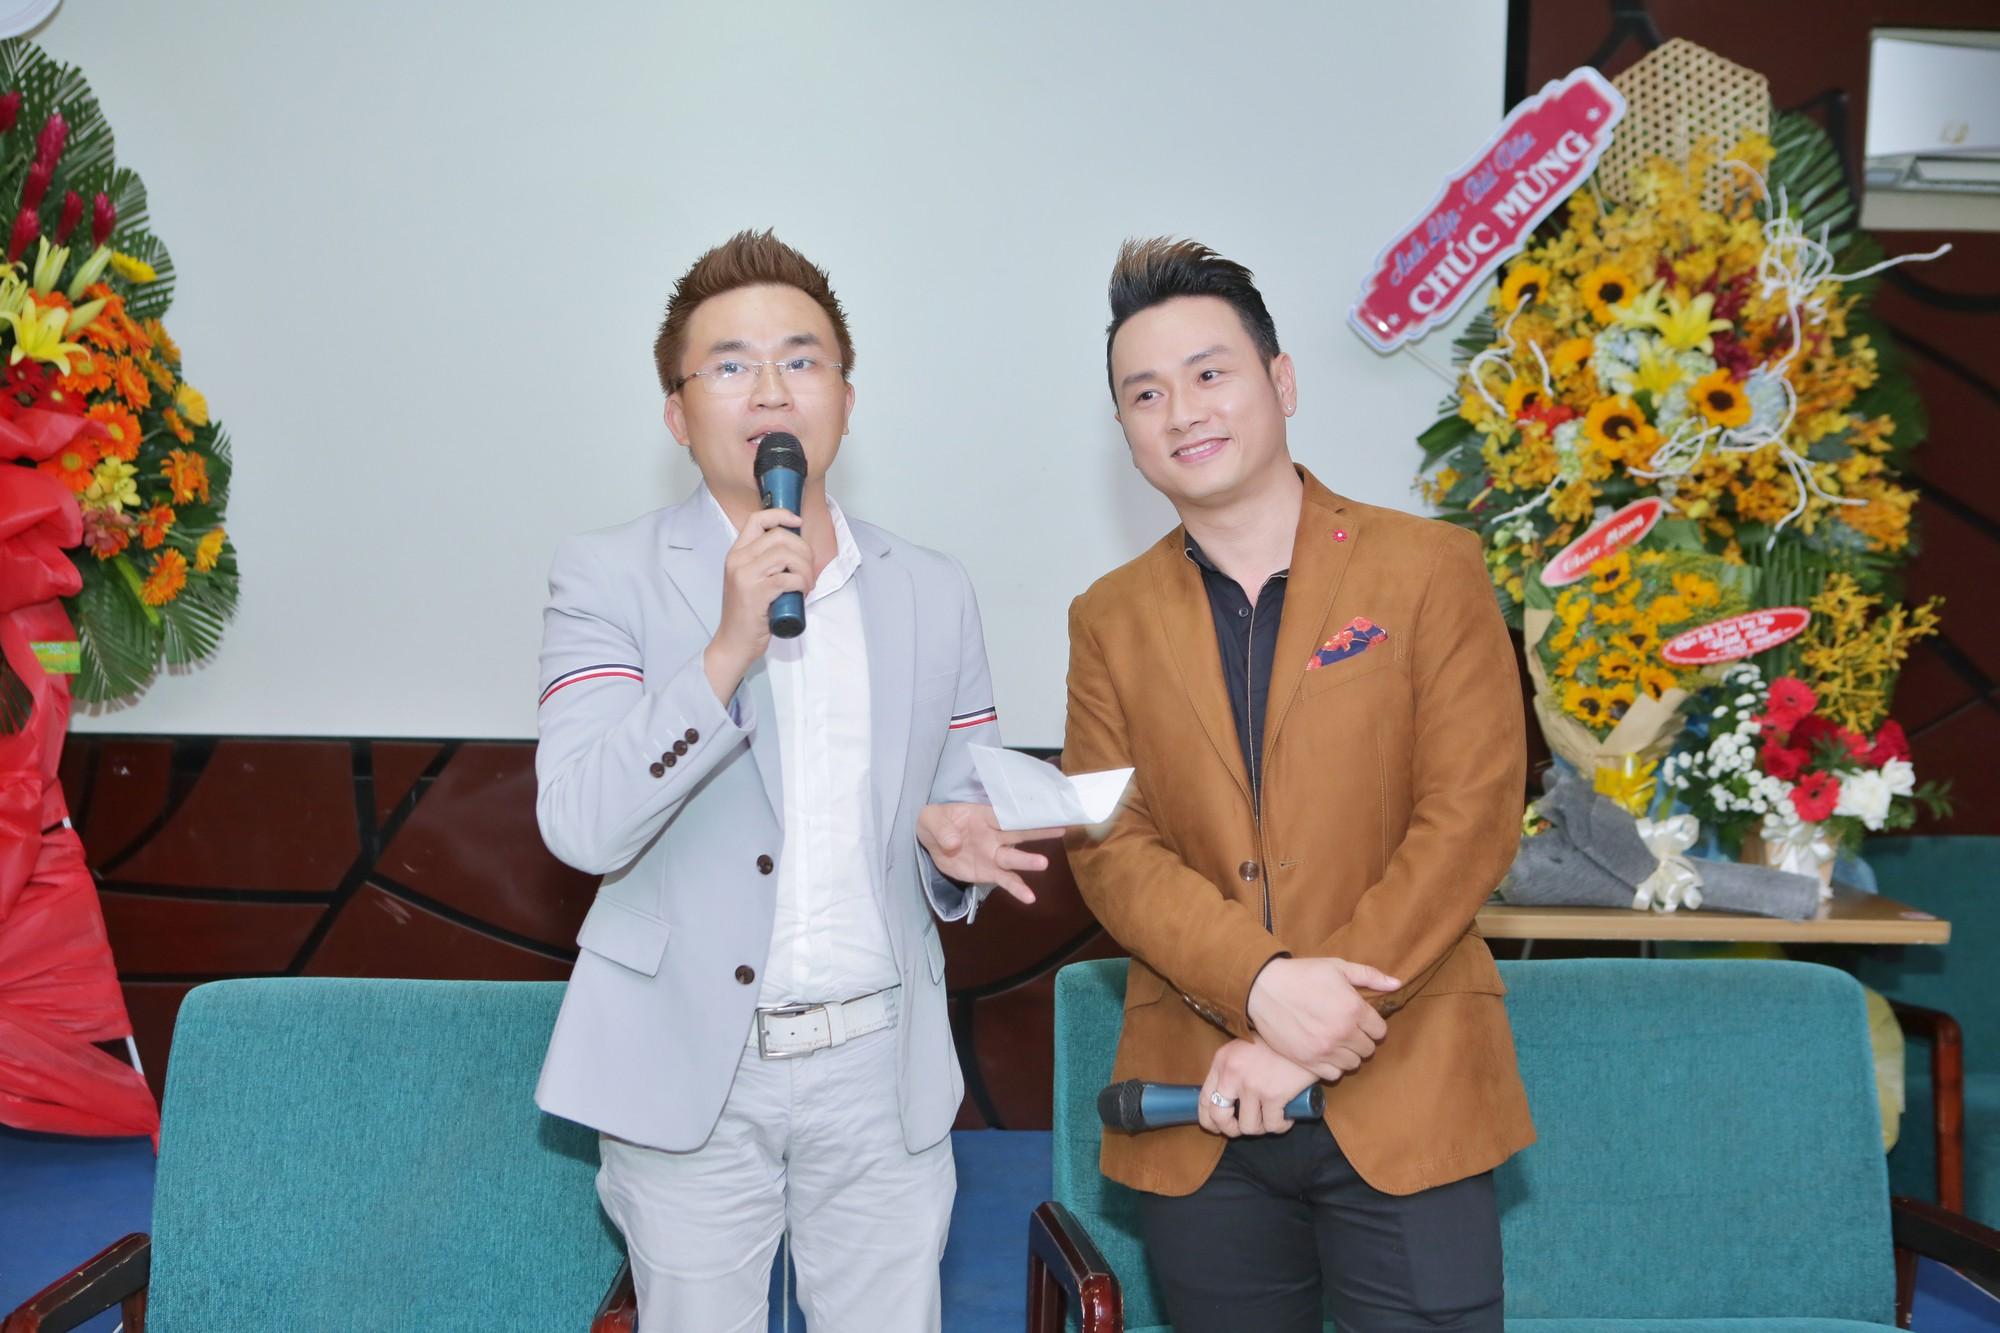 Hàn Thái Tú lần đầu hát nhạc Bolero, kiên quyết ra album dạng CD dù biết bán không có lời - Ảnh 3.